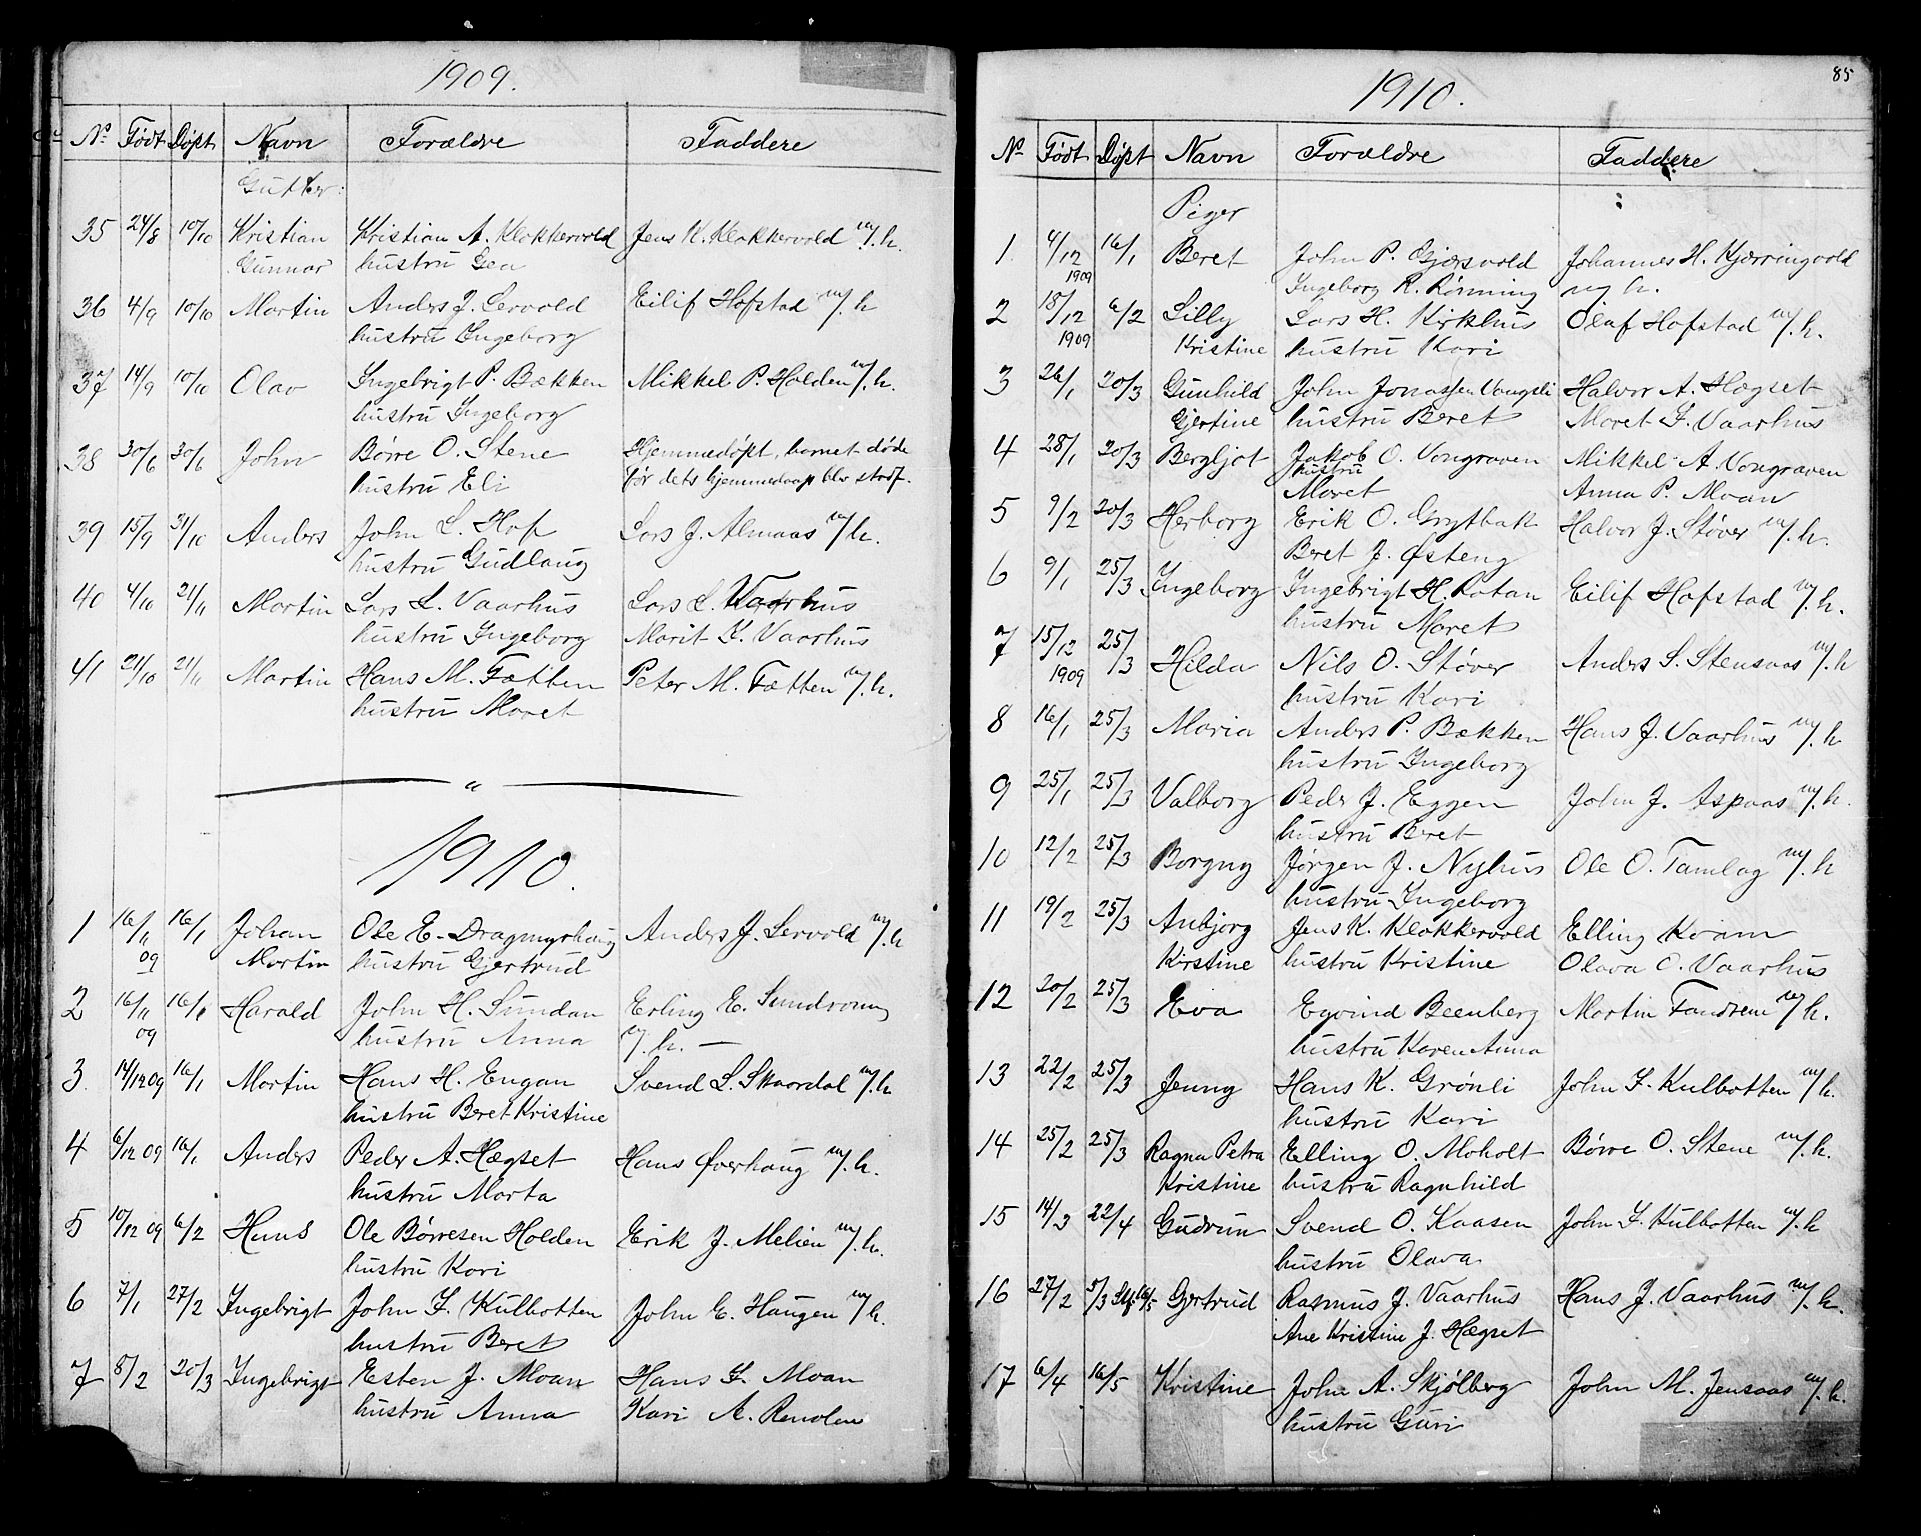 SAT, Ministerialprotokoller, klokkerbøker og fødselsregistre - Sør-Trøndelag, 686/L0985: Klokkerbok nr. 686C01, 1871-1933, s. 85